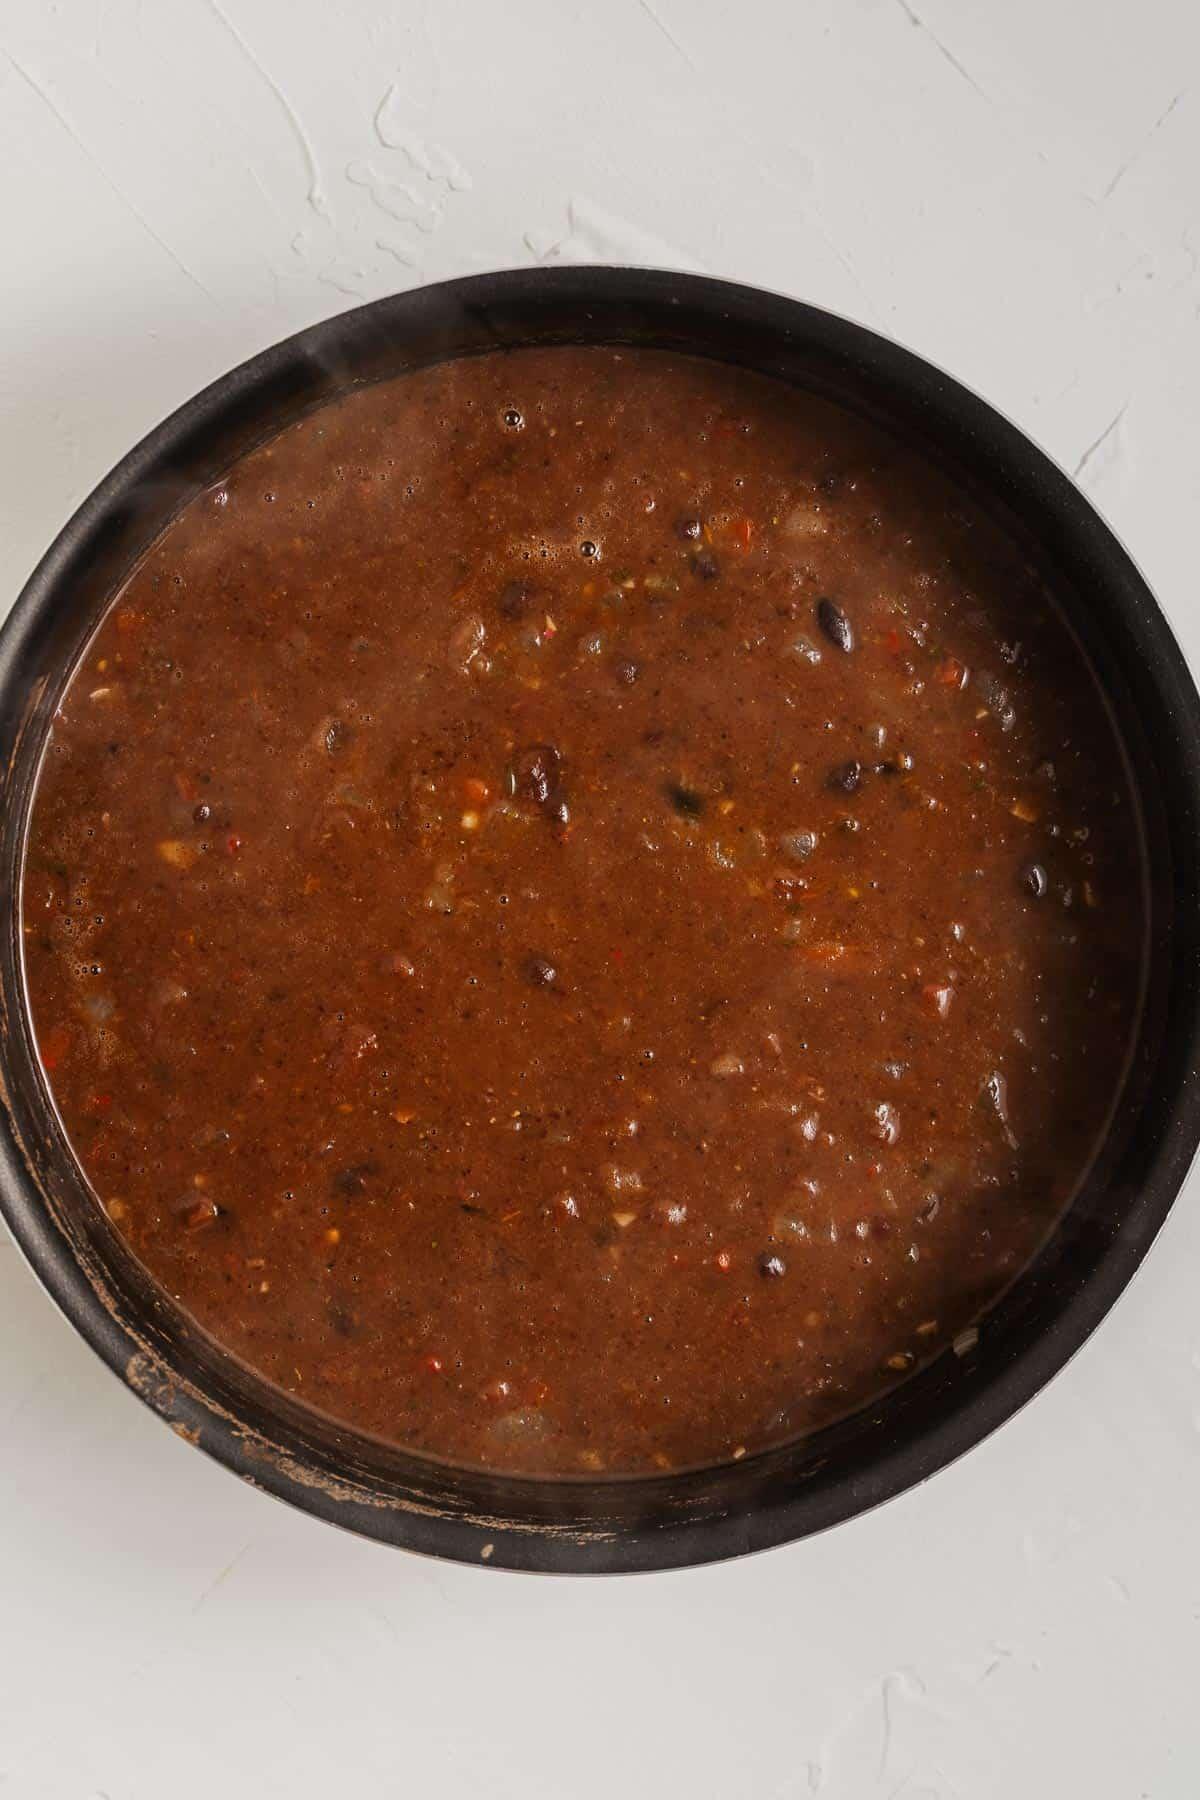 Black Bean Soup in a Pot